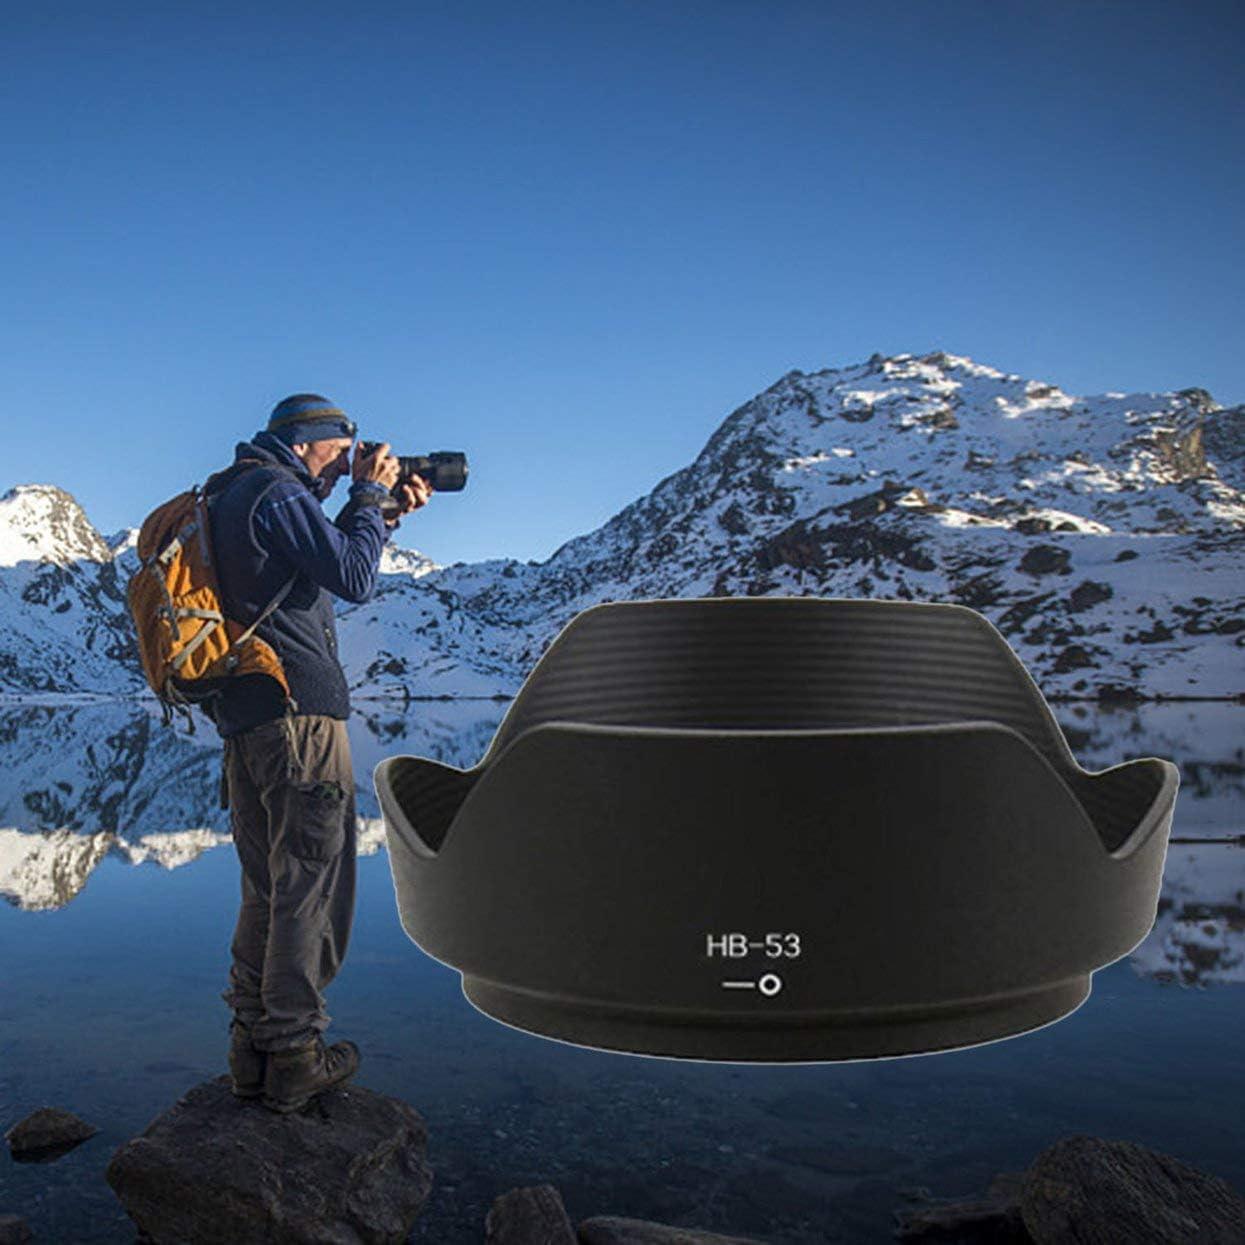 Detectorcatty Professional Lens Hood Replace HB-53 Petal Lens Hood for AF-S Nikkor 24-120mm f//4G ED VR Lens Shade Lens Hood Mount